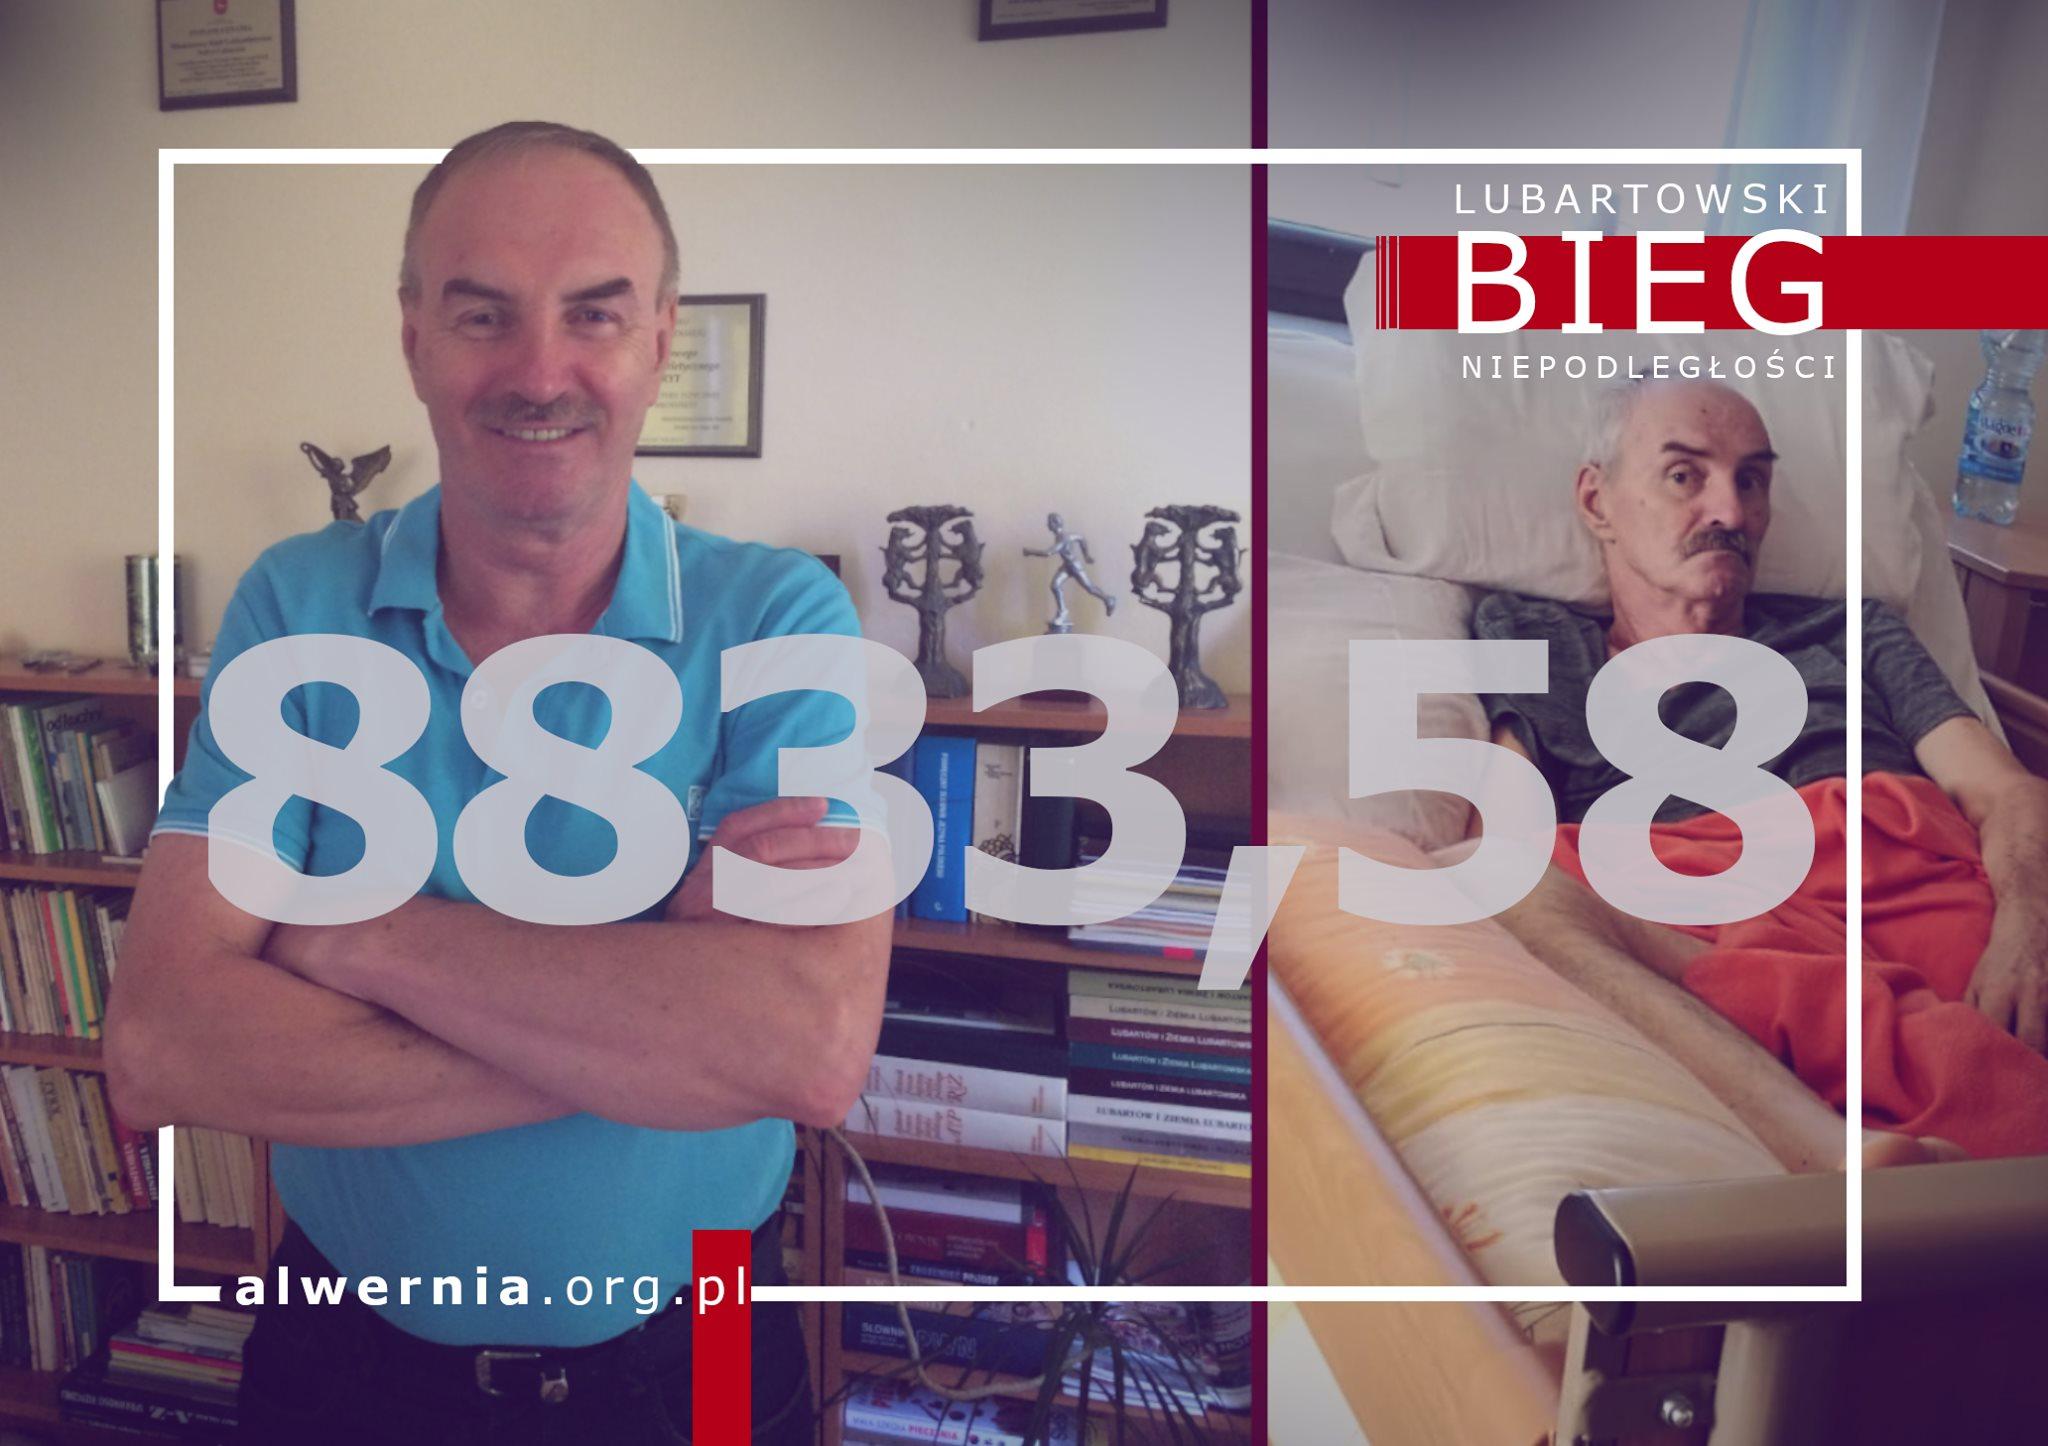 8833,58 zł dla Pana Wiesława Nowaka